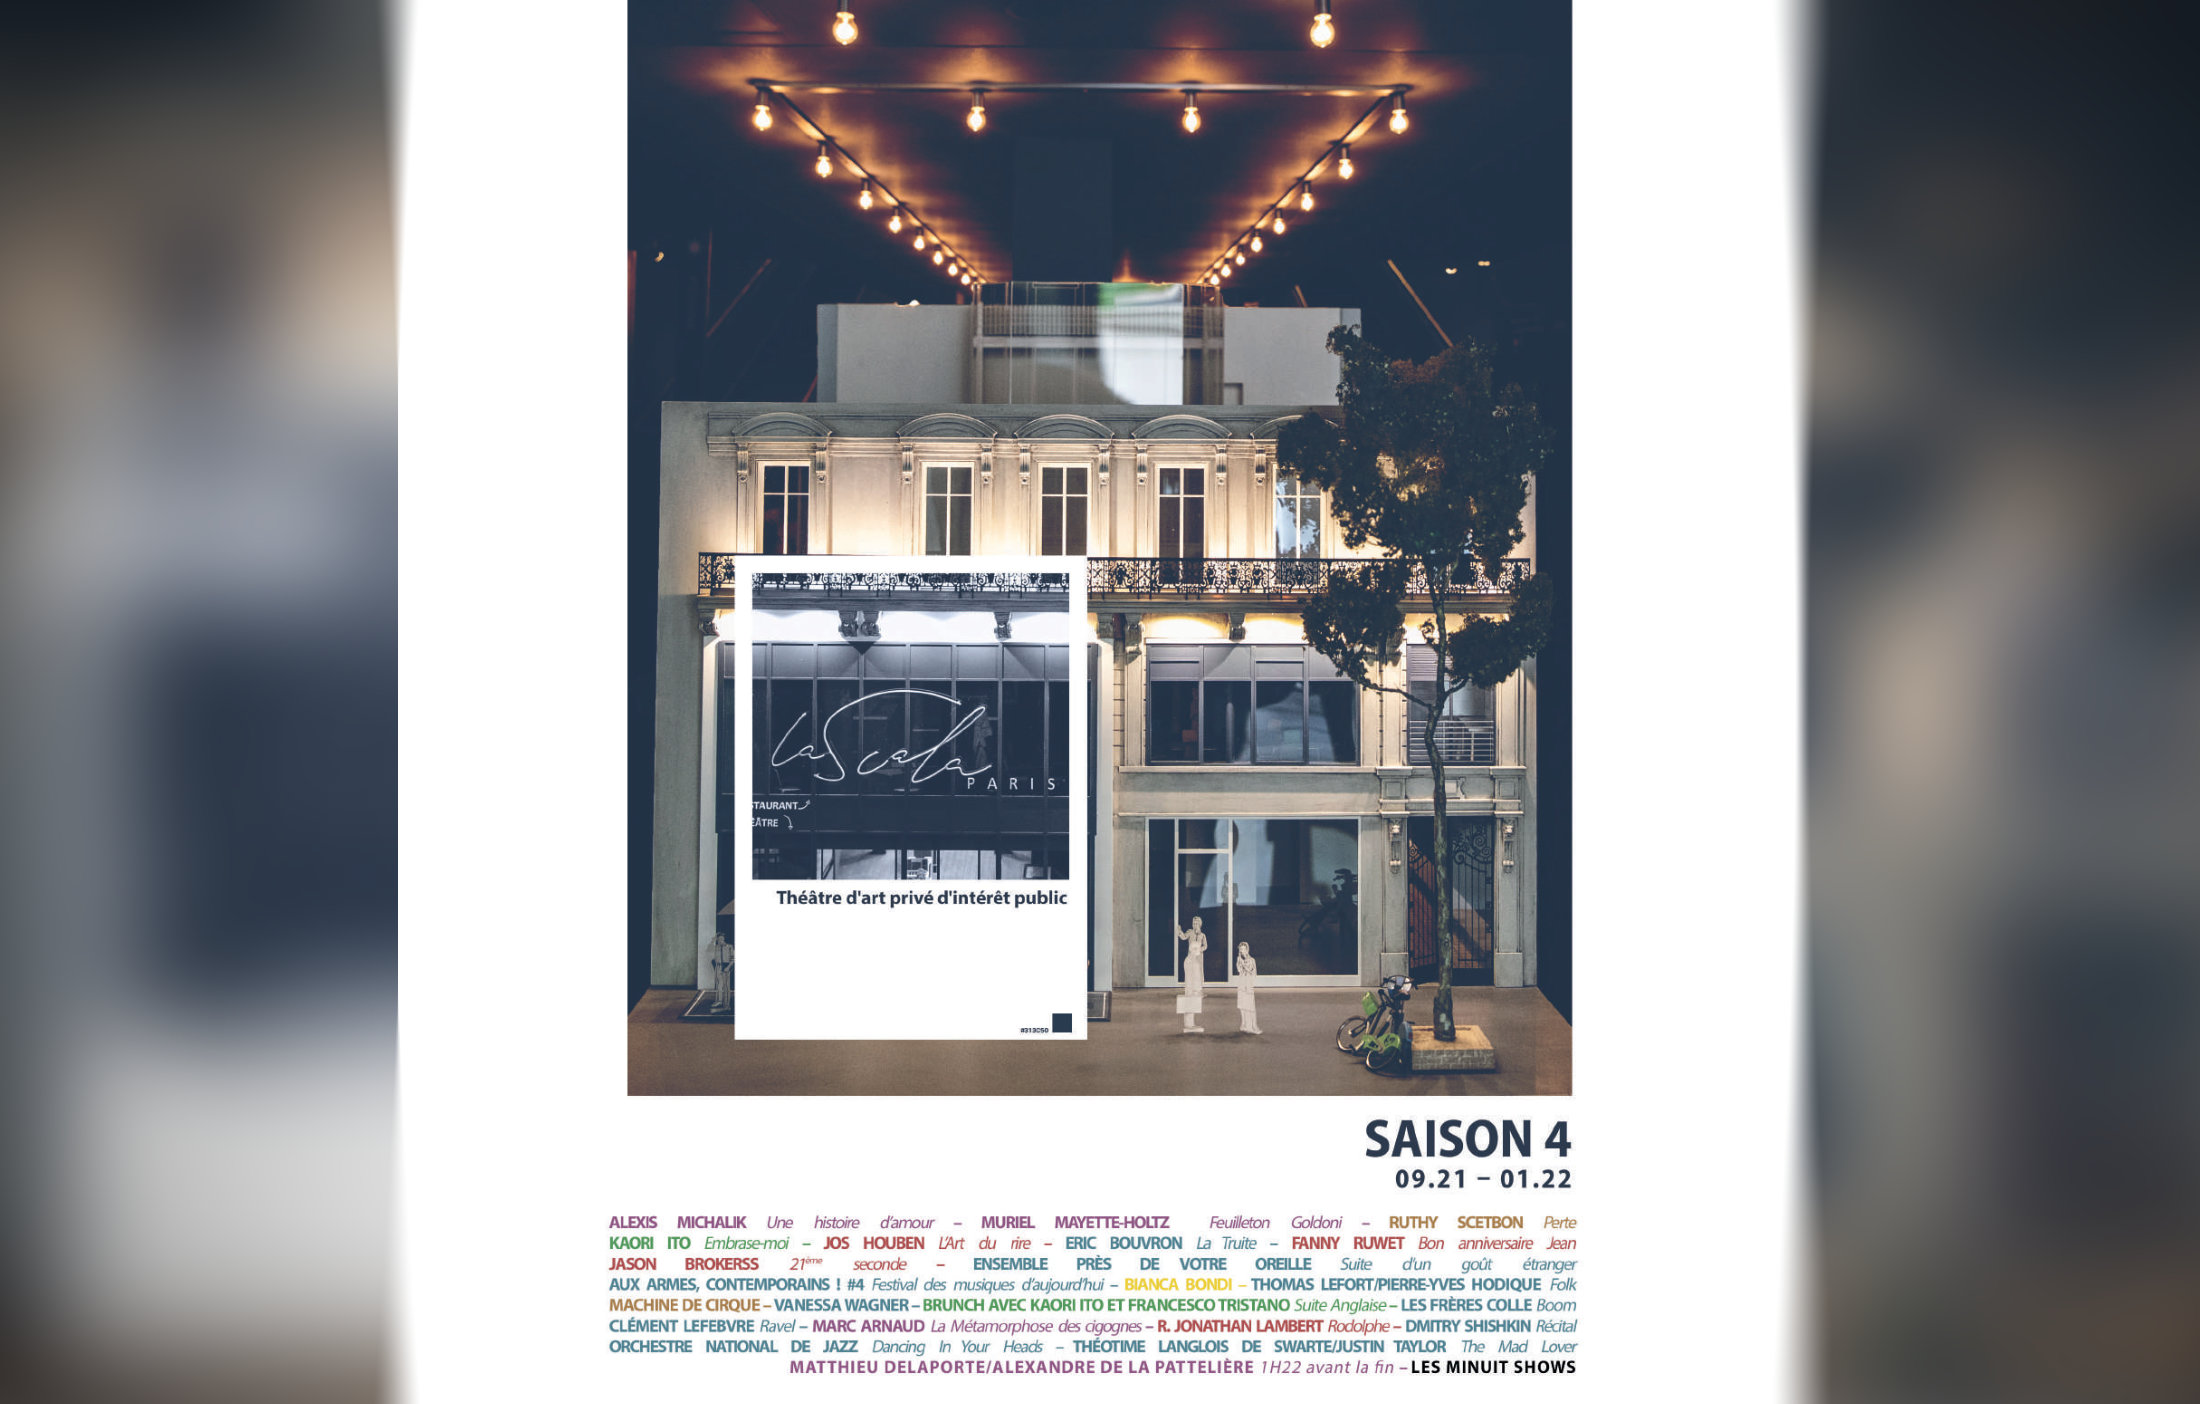 la-scala-saison-4-09-21-01-22@2x